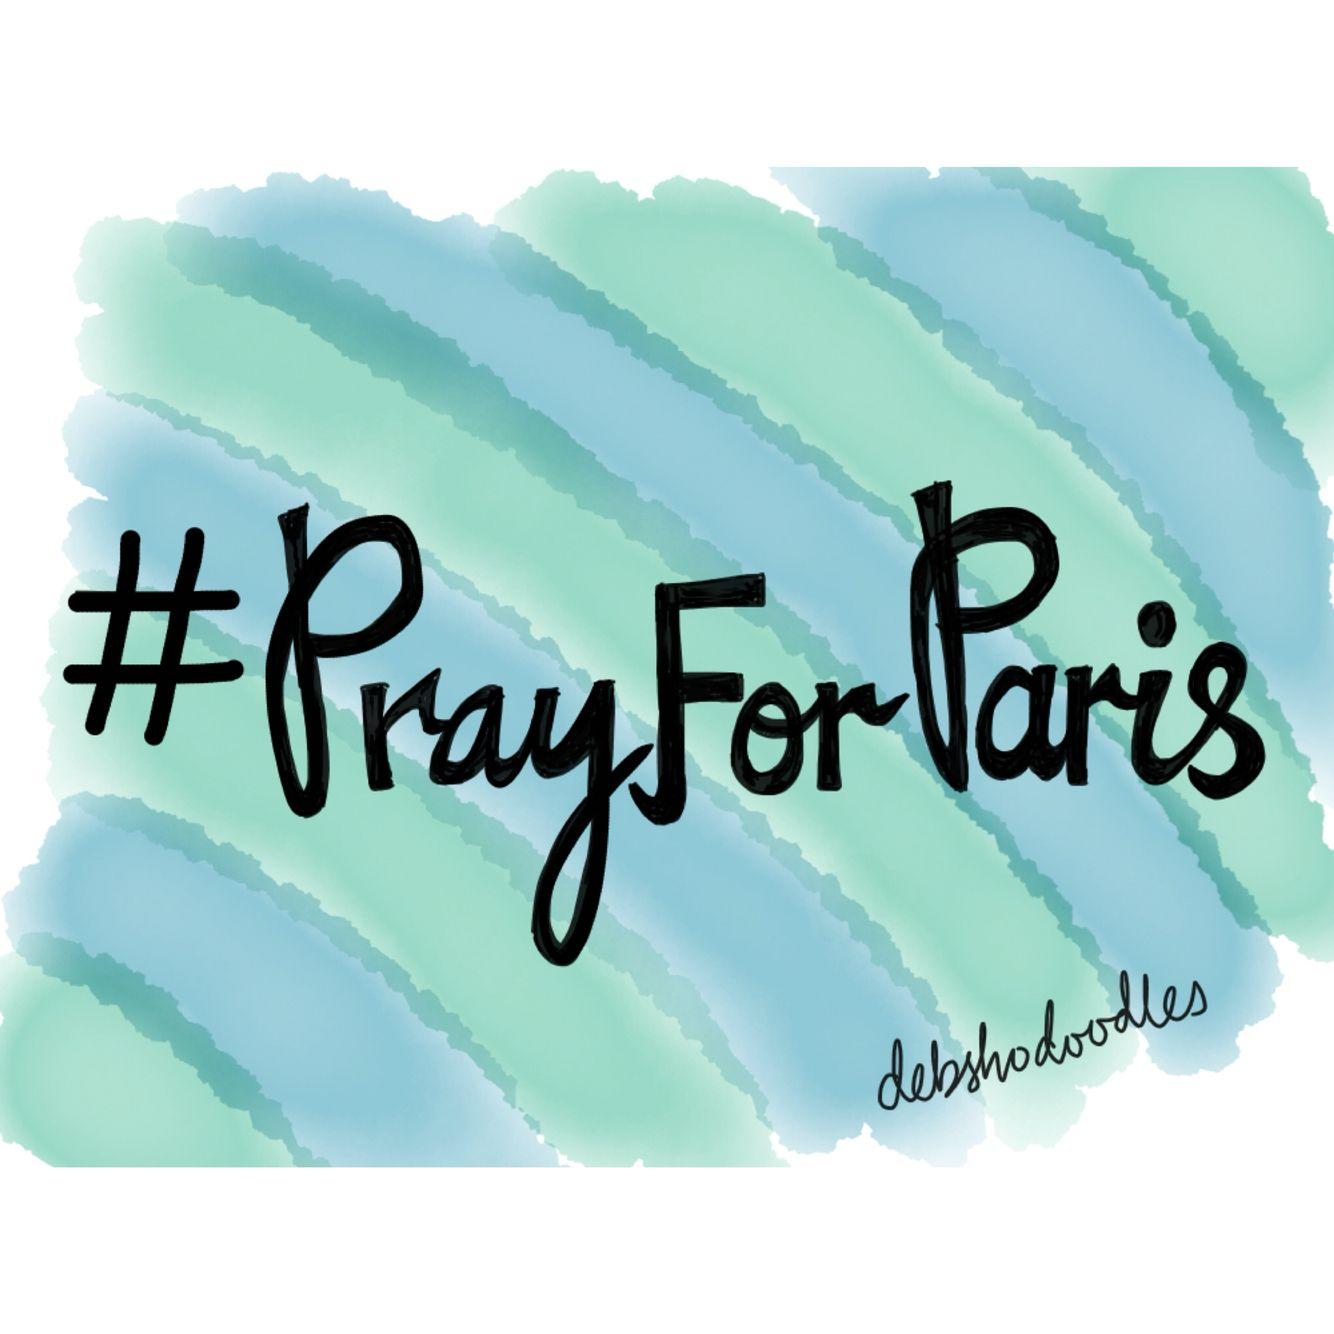 #ParisAttacks #PrayForParis